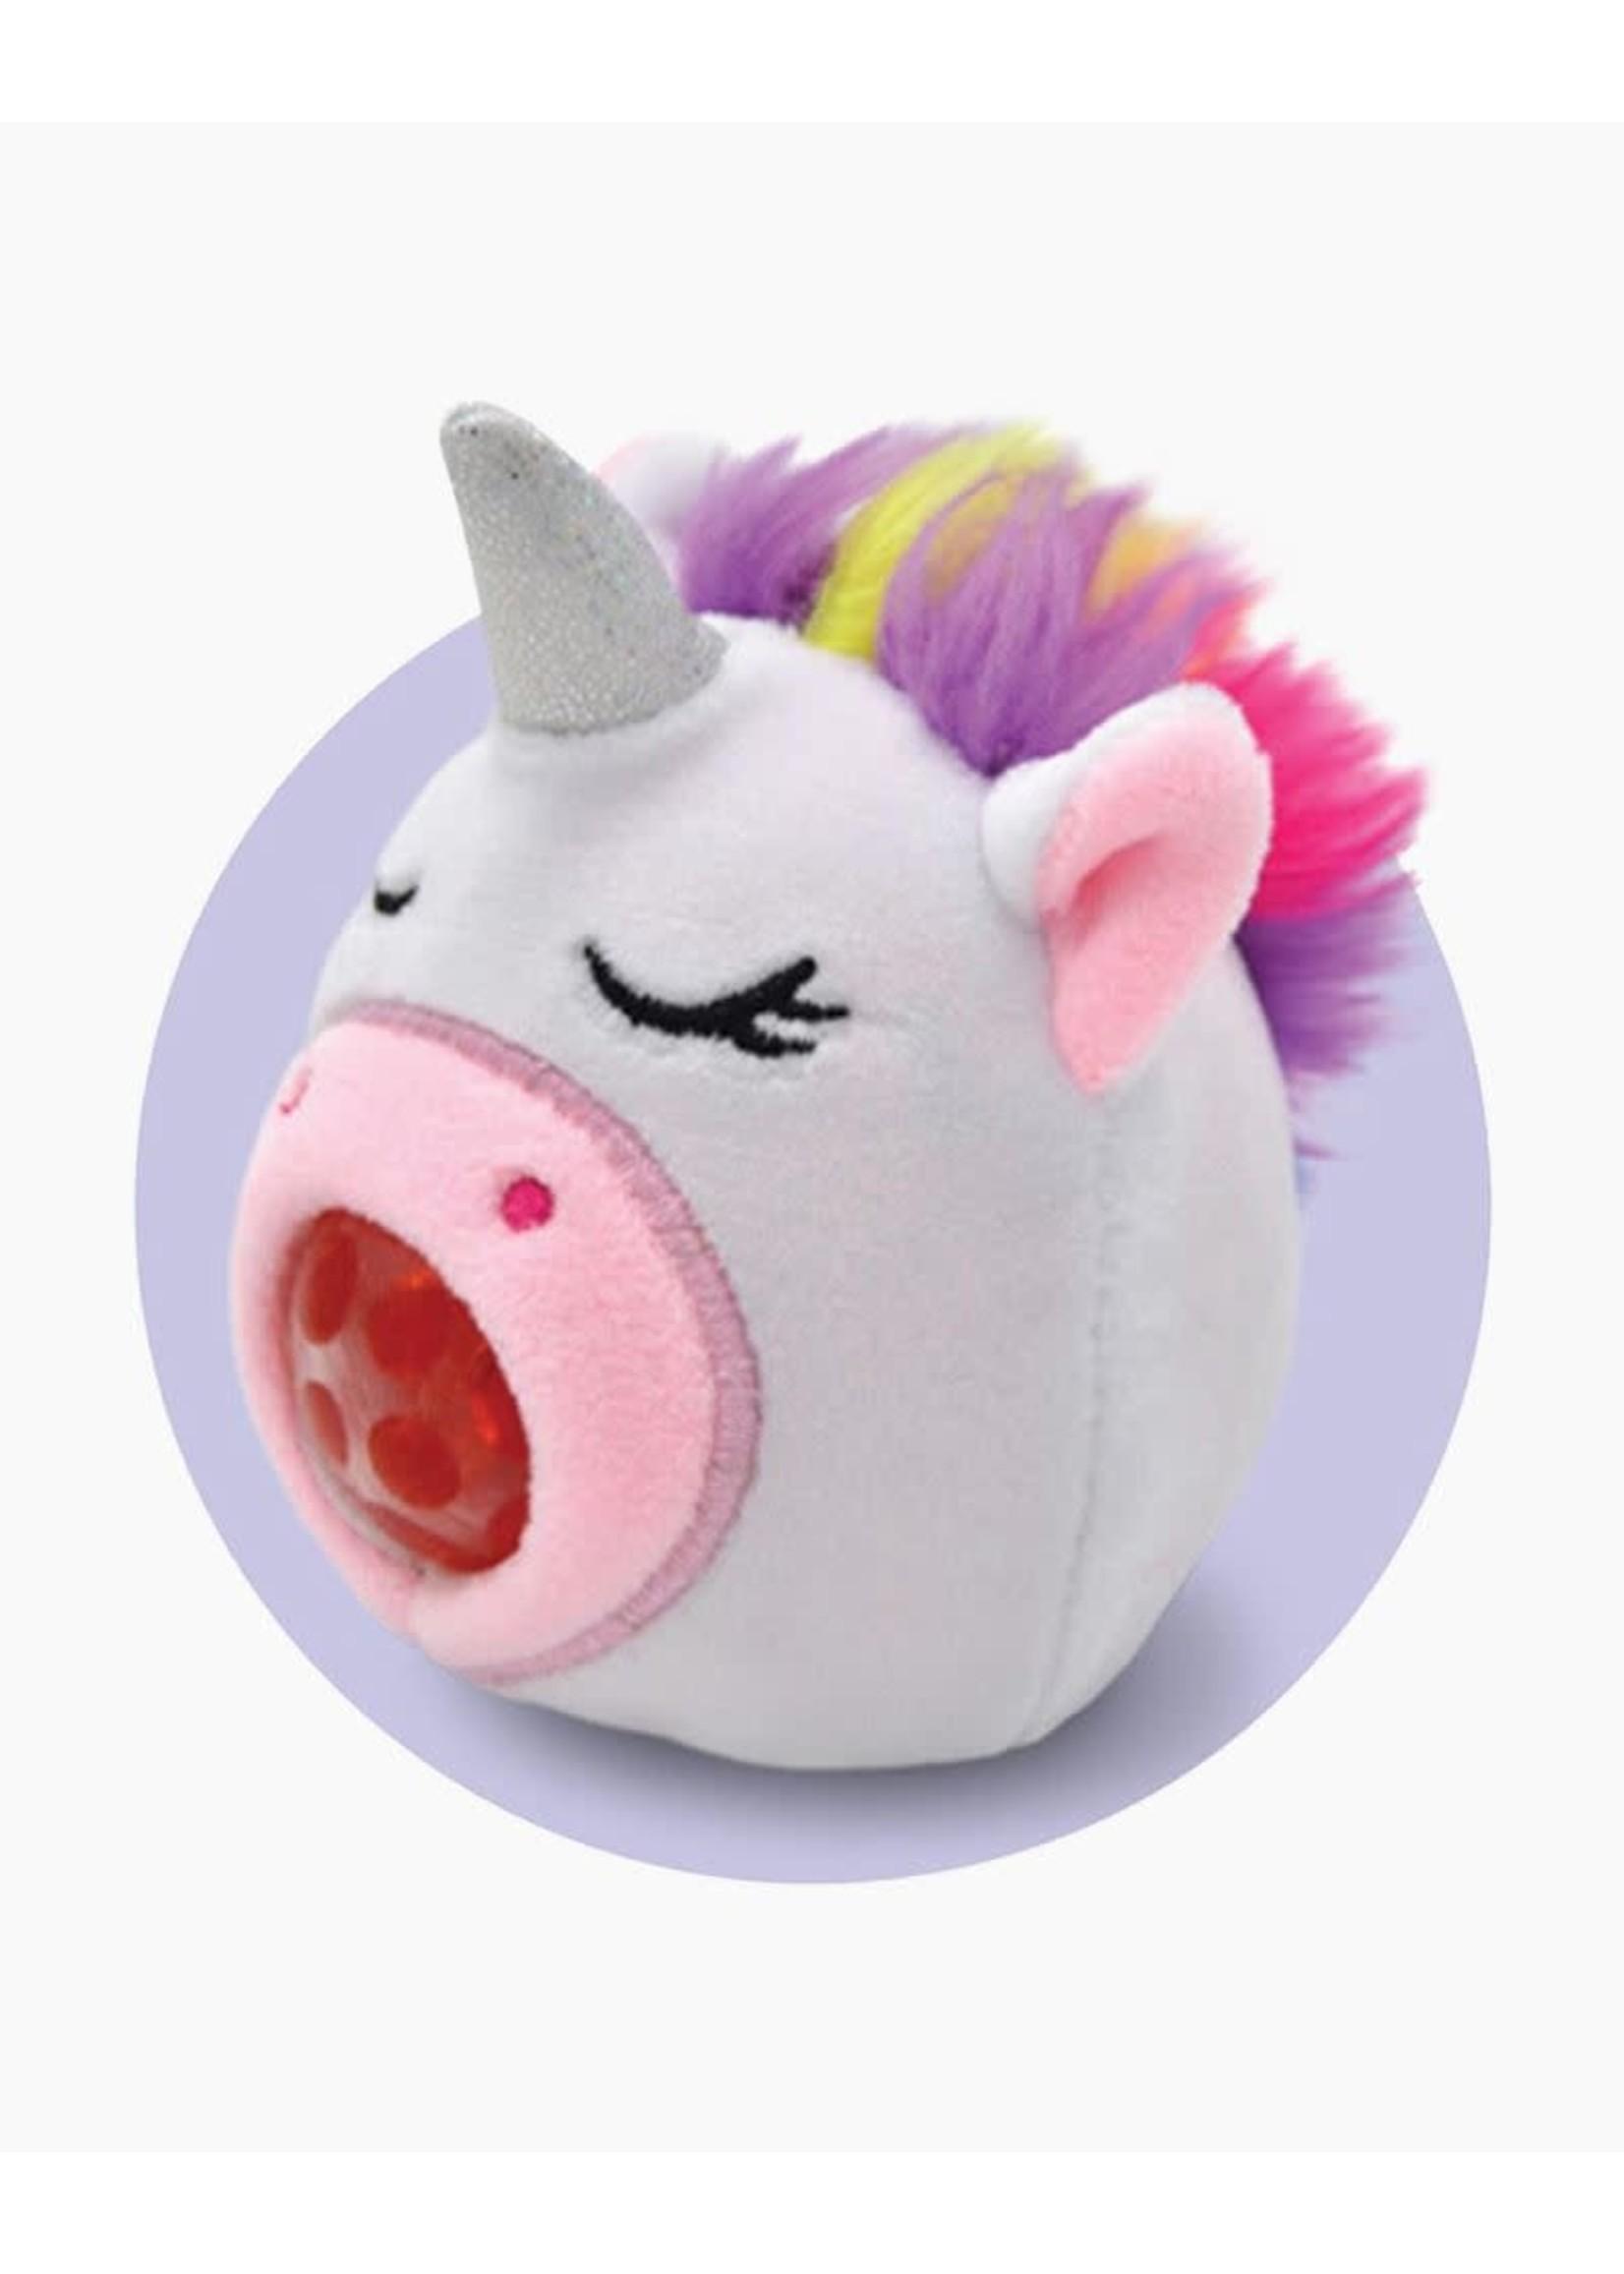 PBJ's PBJ Squeeze Toy